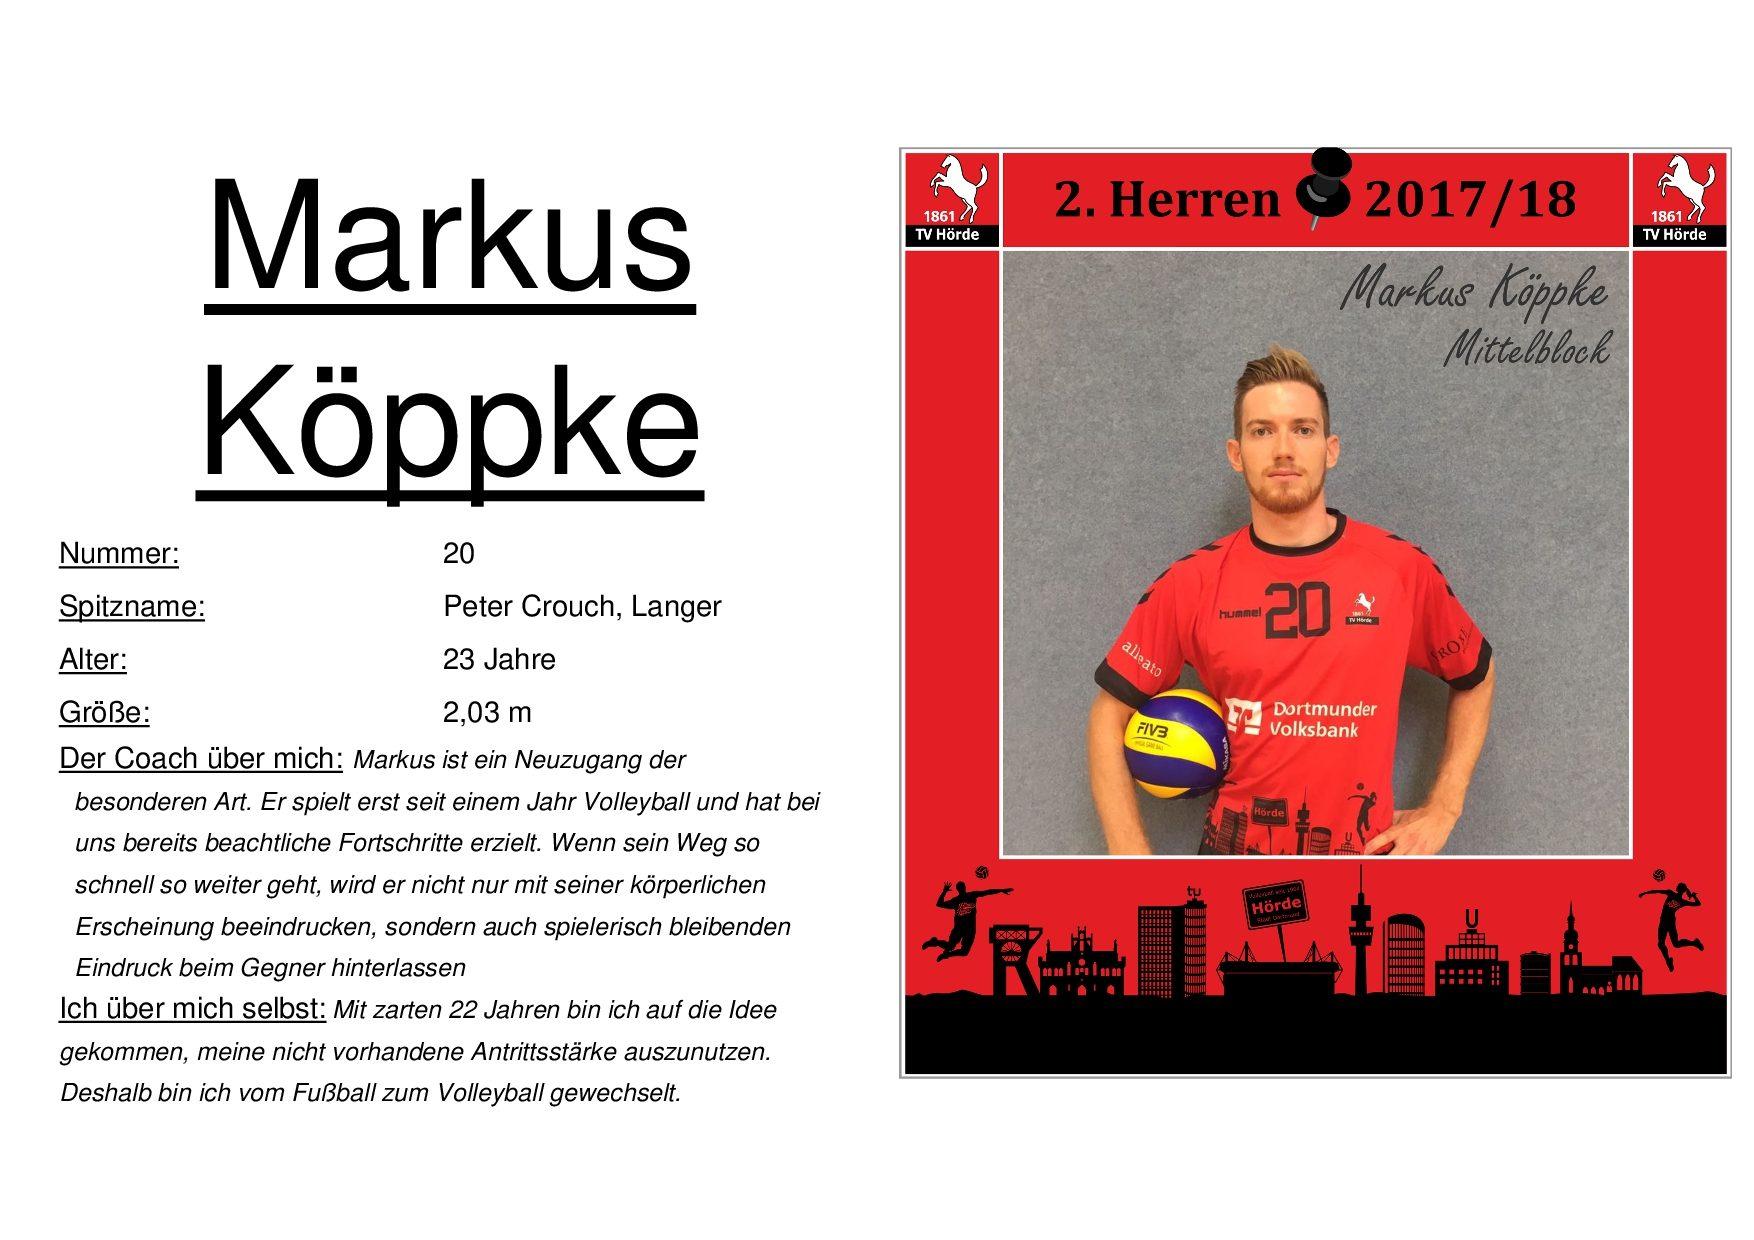 Markus Köppke